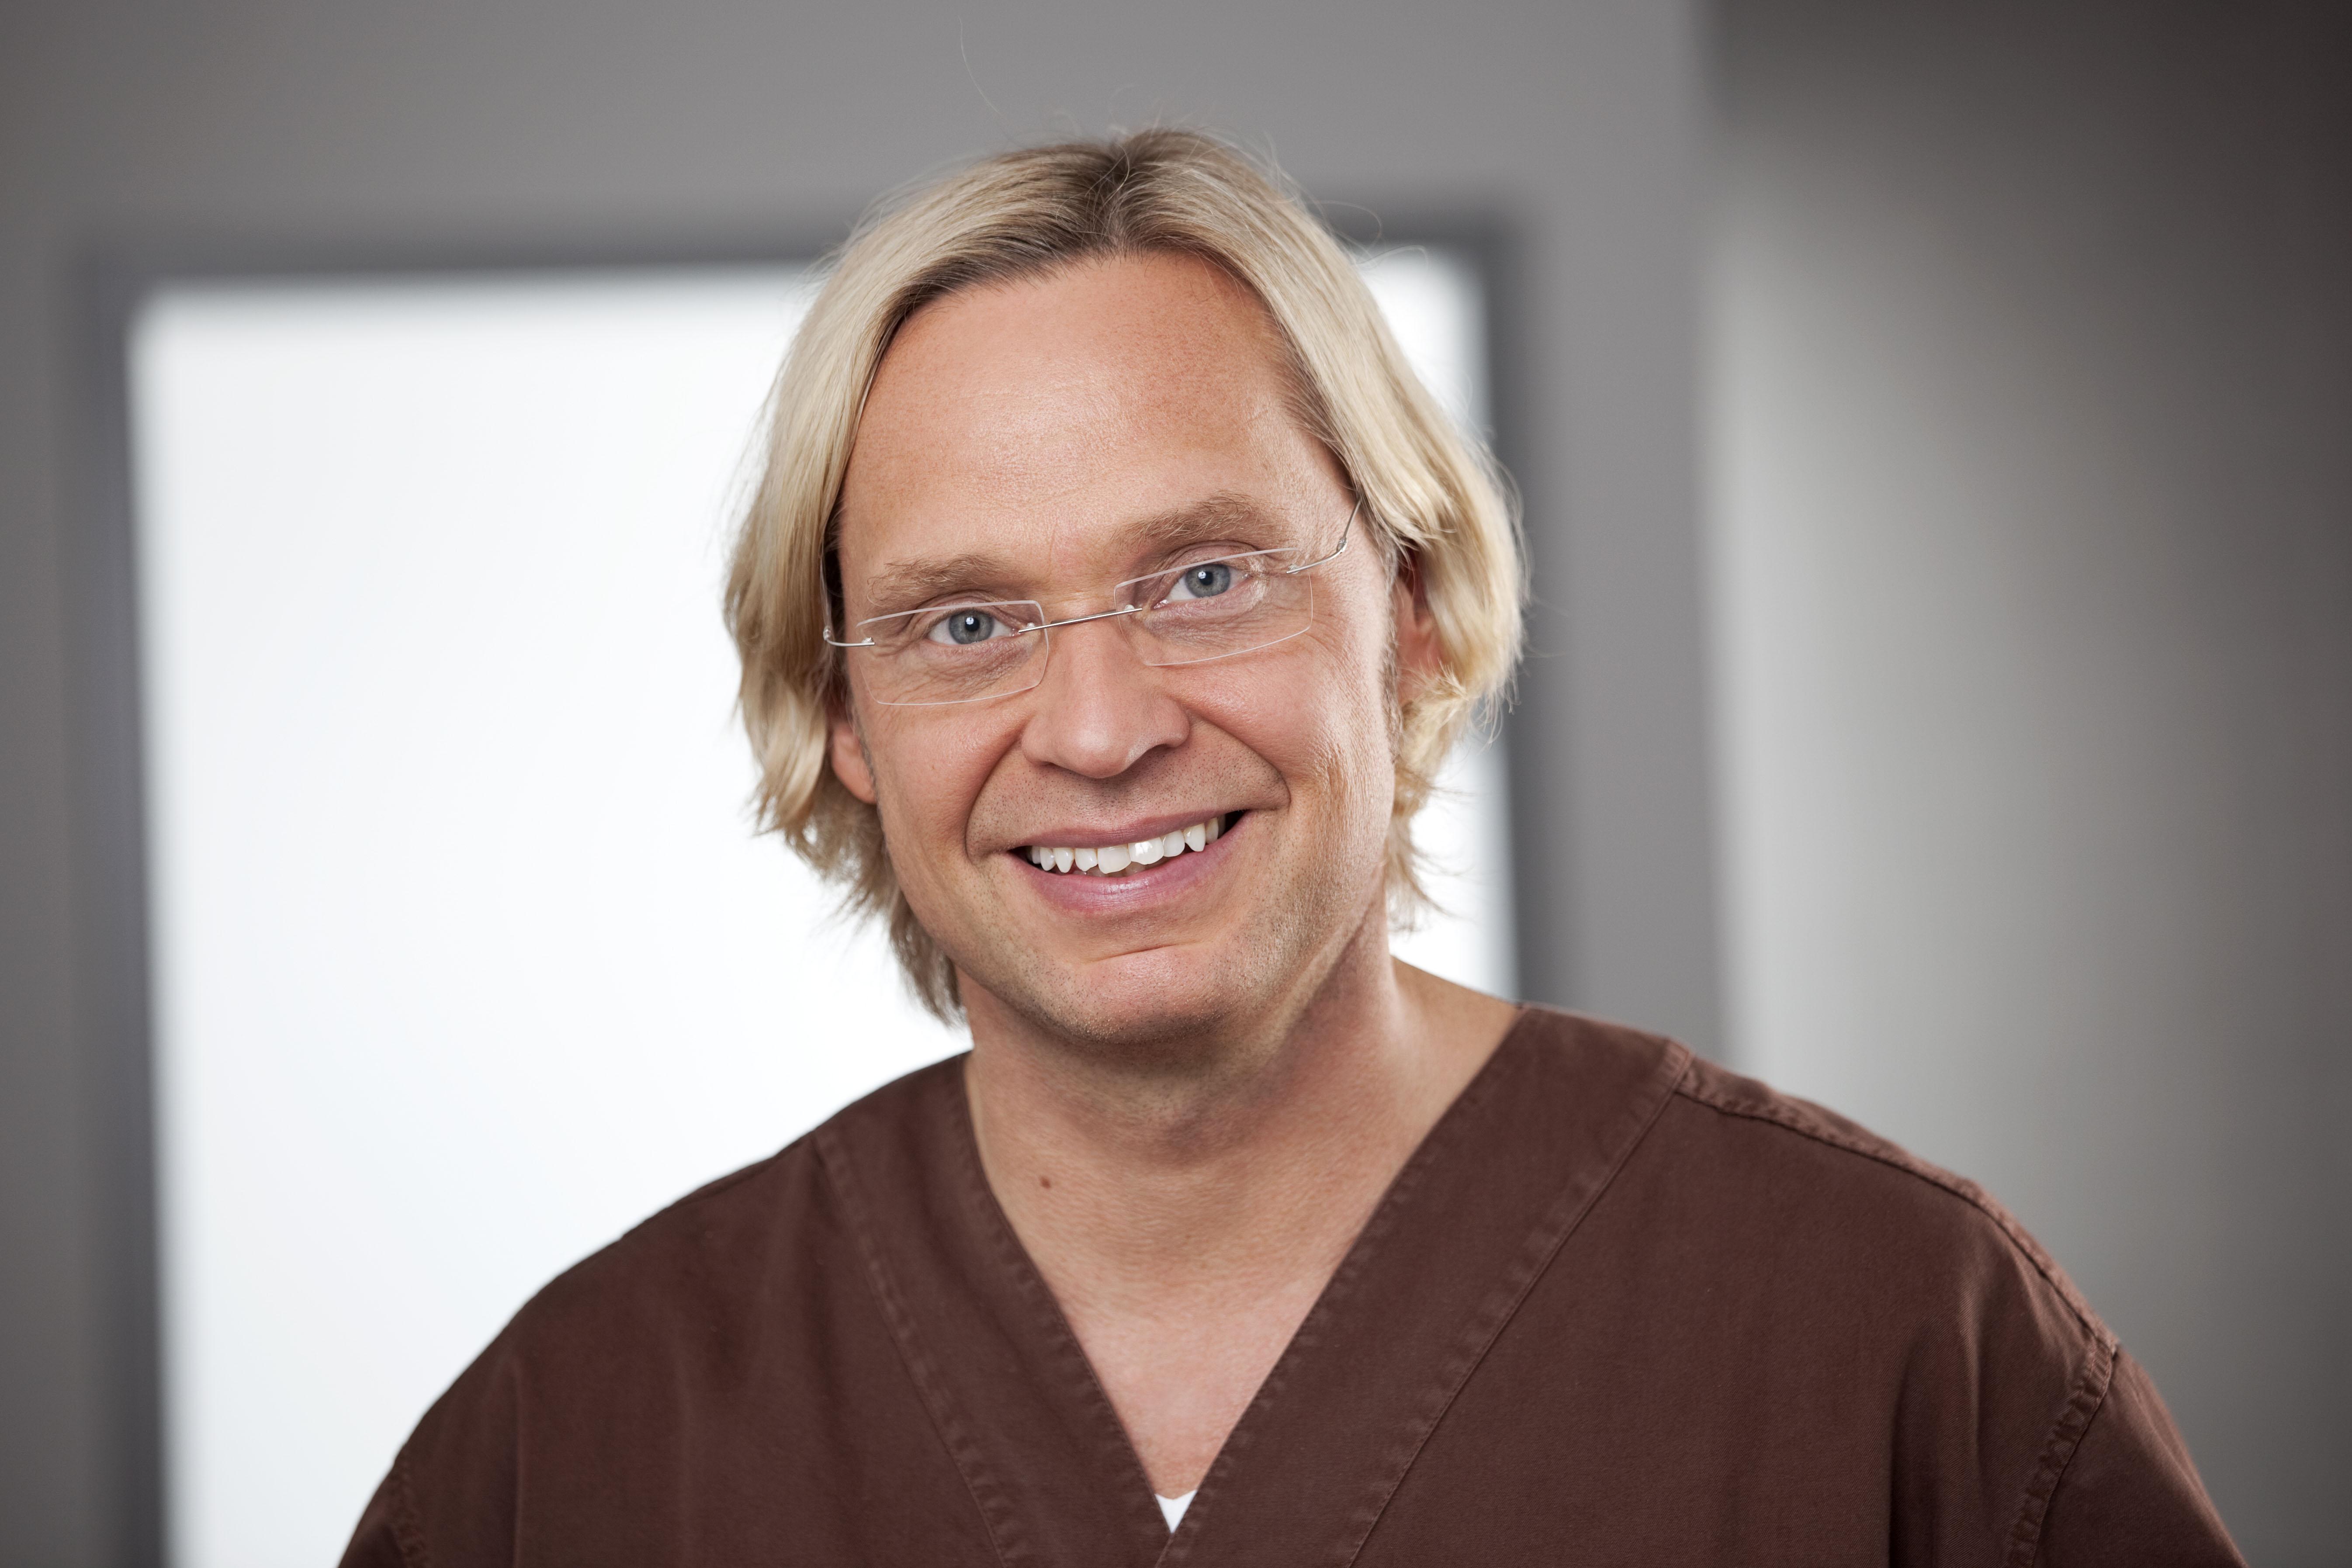 Schöne Zähne Dank Zitronensaft Online Zahnklinik